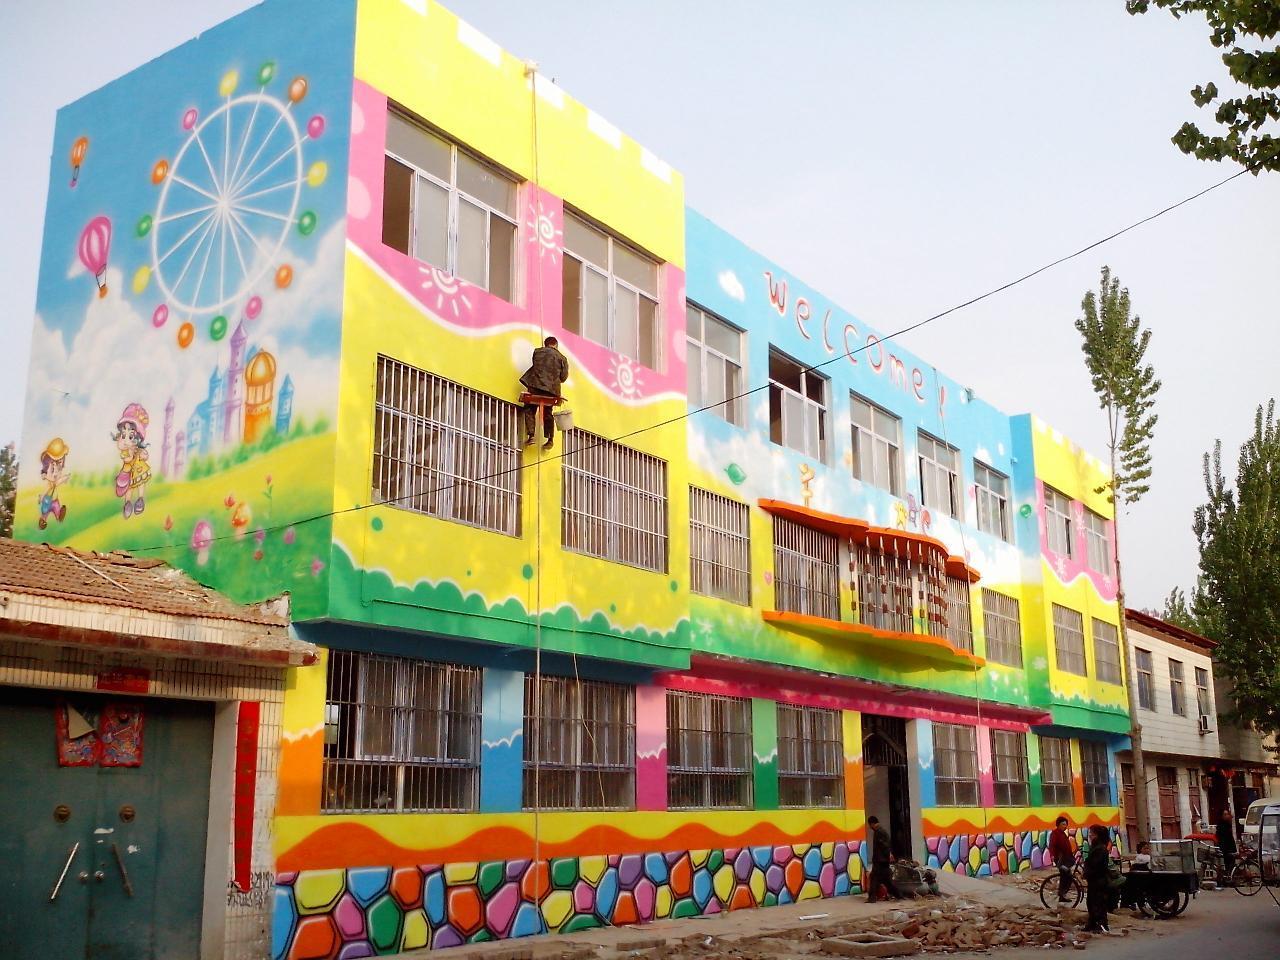 关注:; 供应济宁幼儿园外墙墙绘城市文化墙图片; 幼儿园墙绘,幼儿园图片